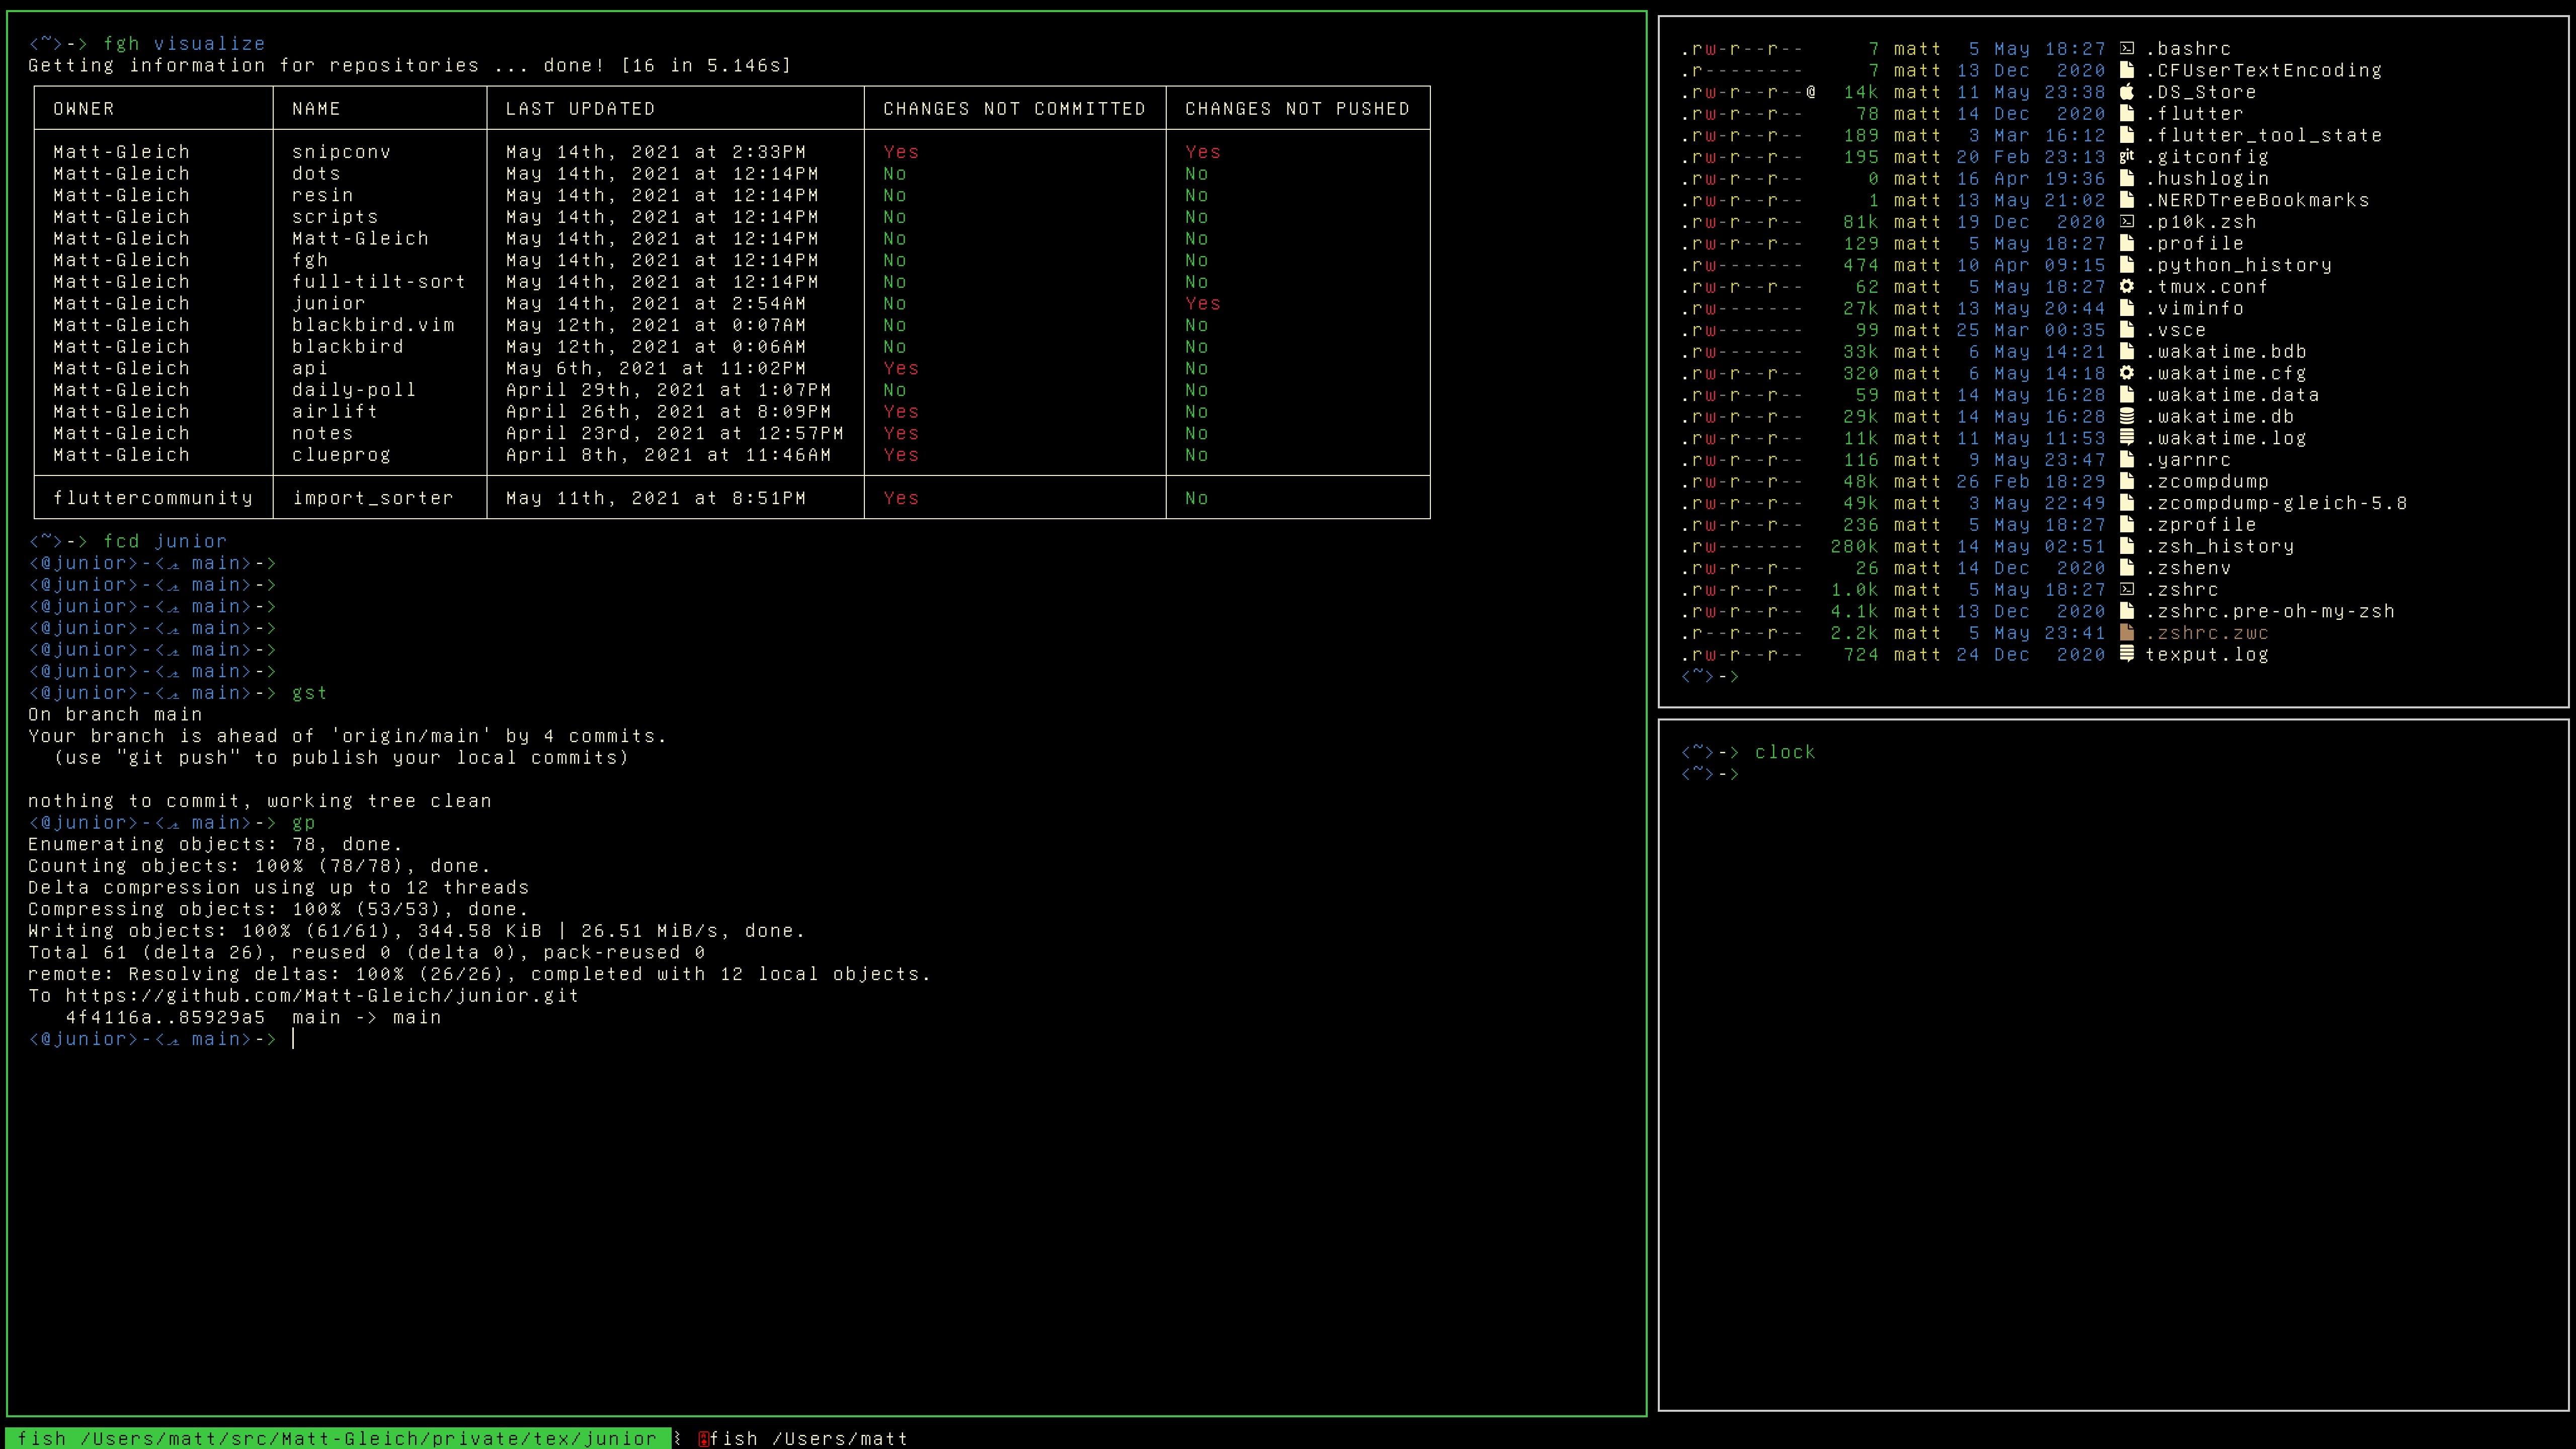 https://cloud-3wifg2asi-hack-club-bot.vercel.app/0screen_shot_2021-05-14_at_4.32.30_pm.jpg